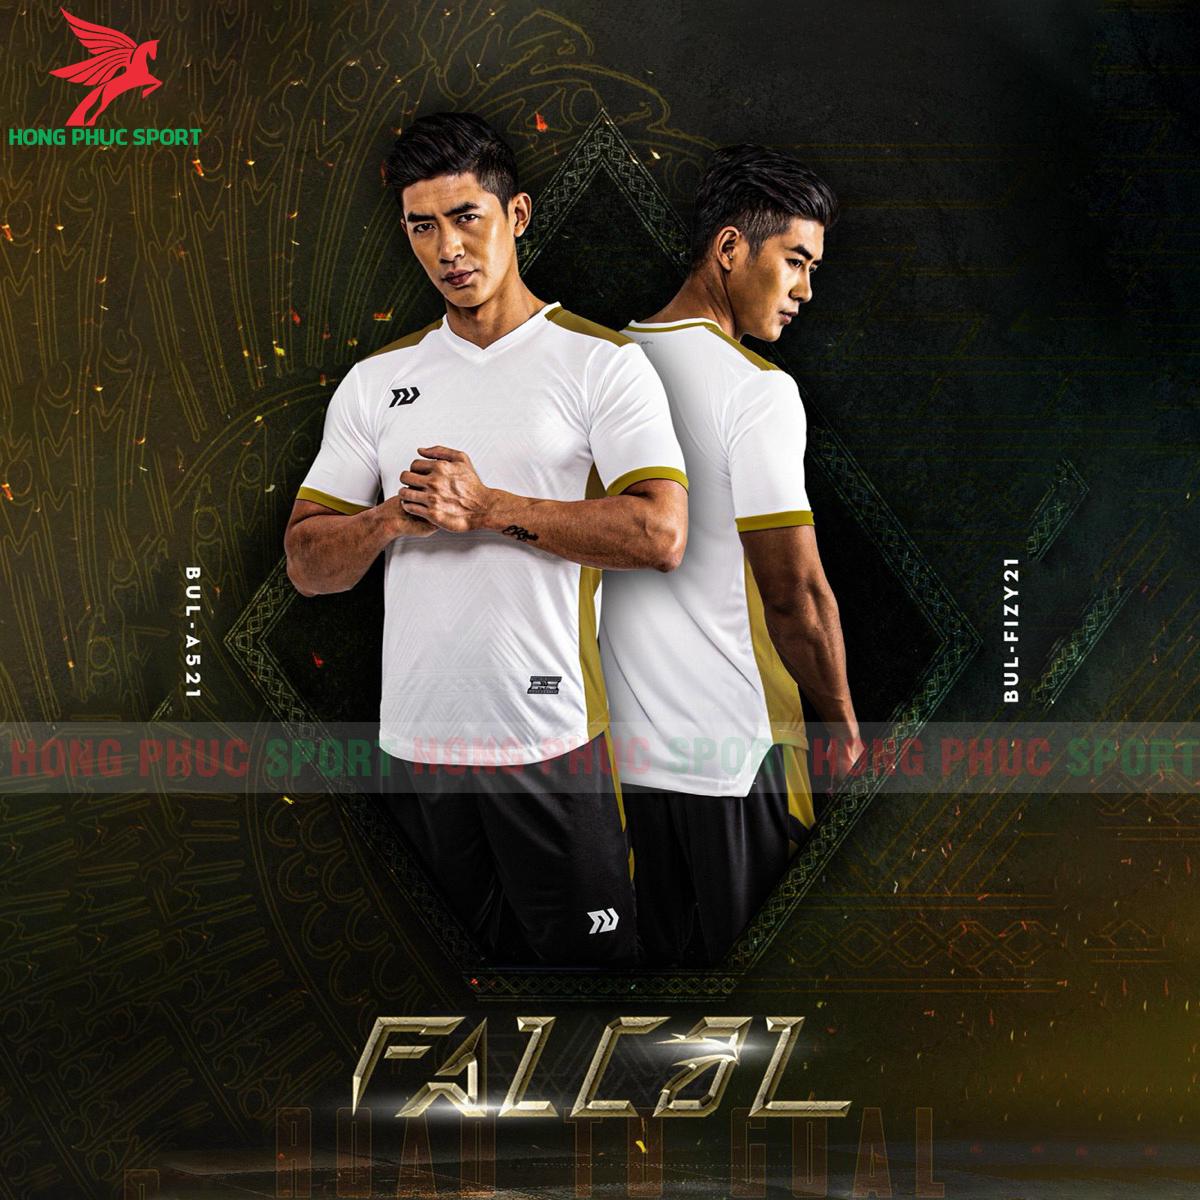 Áo đá banh không logo Bulbal Falcol 2021 màu trắng(2)